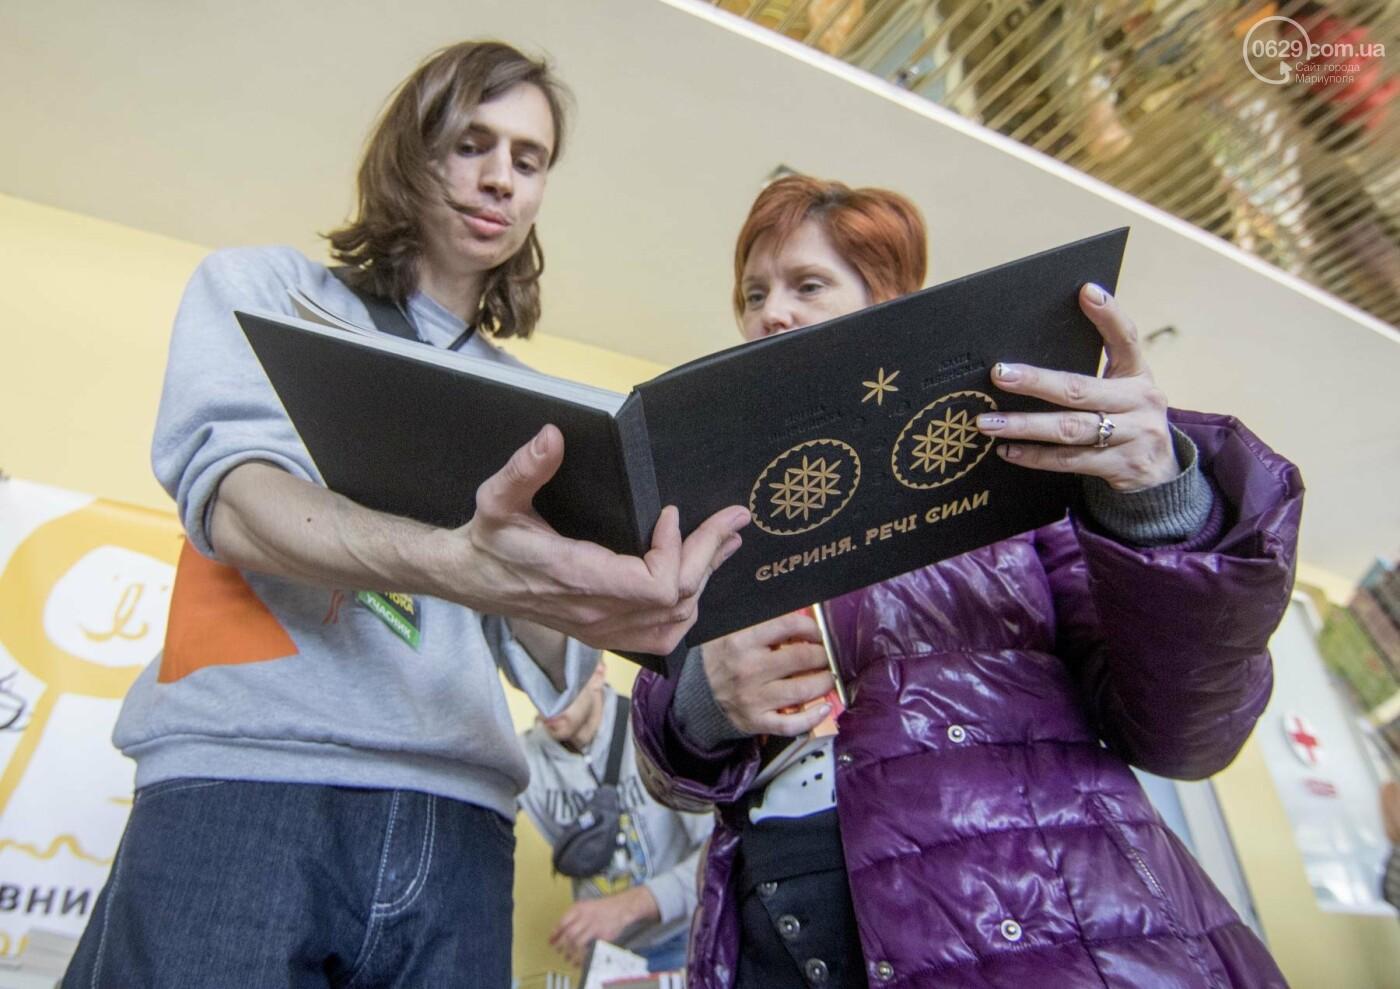 Толклась толока. Фоторепортаж с первого международного книжного фестиваля в Мариуполе (ФОТО+ВИДЕО), фото-16